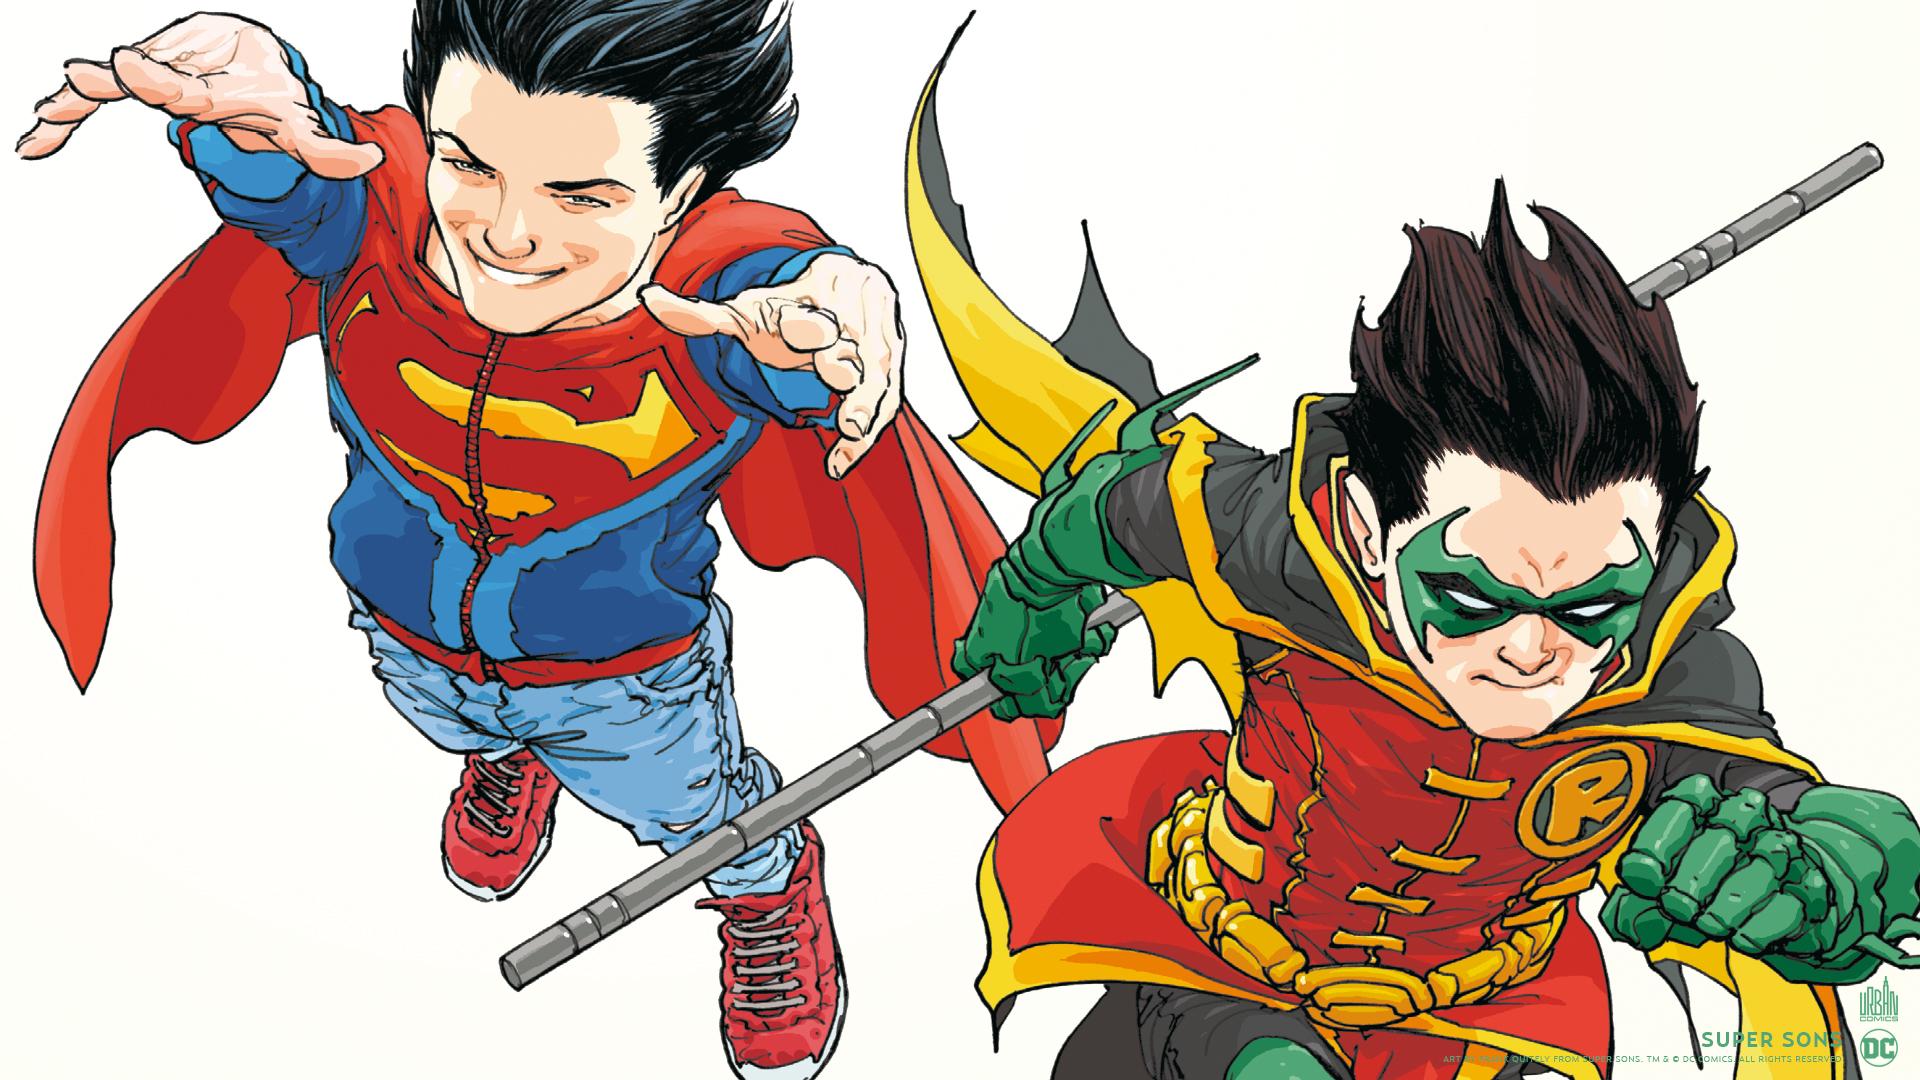 Super Sons Les Fonds D Ecran Urban Comics